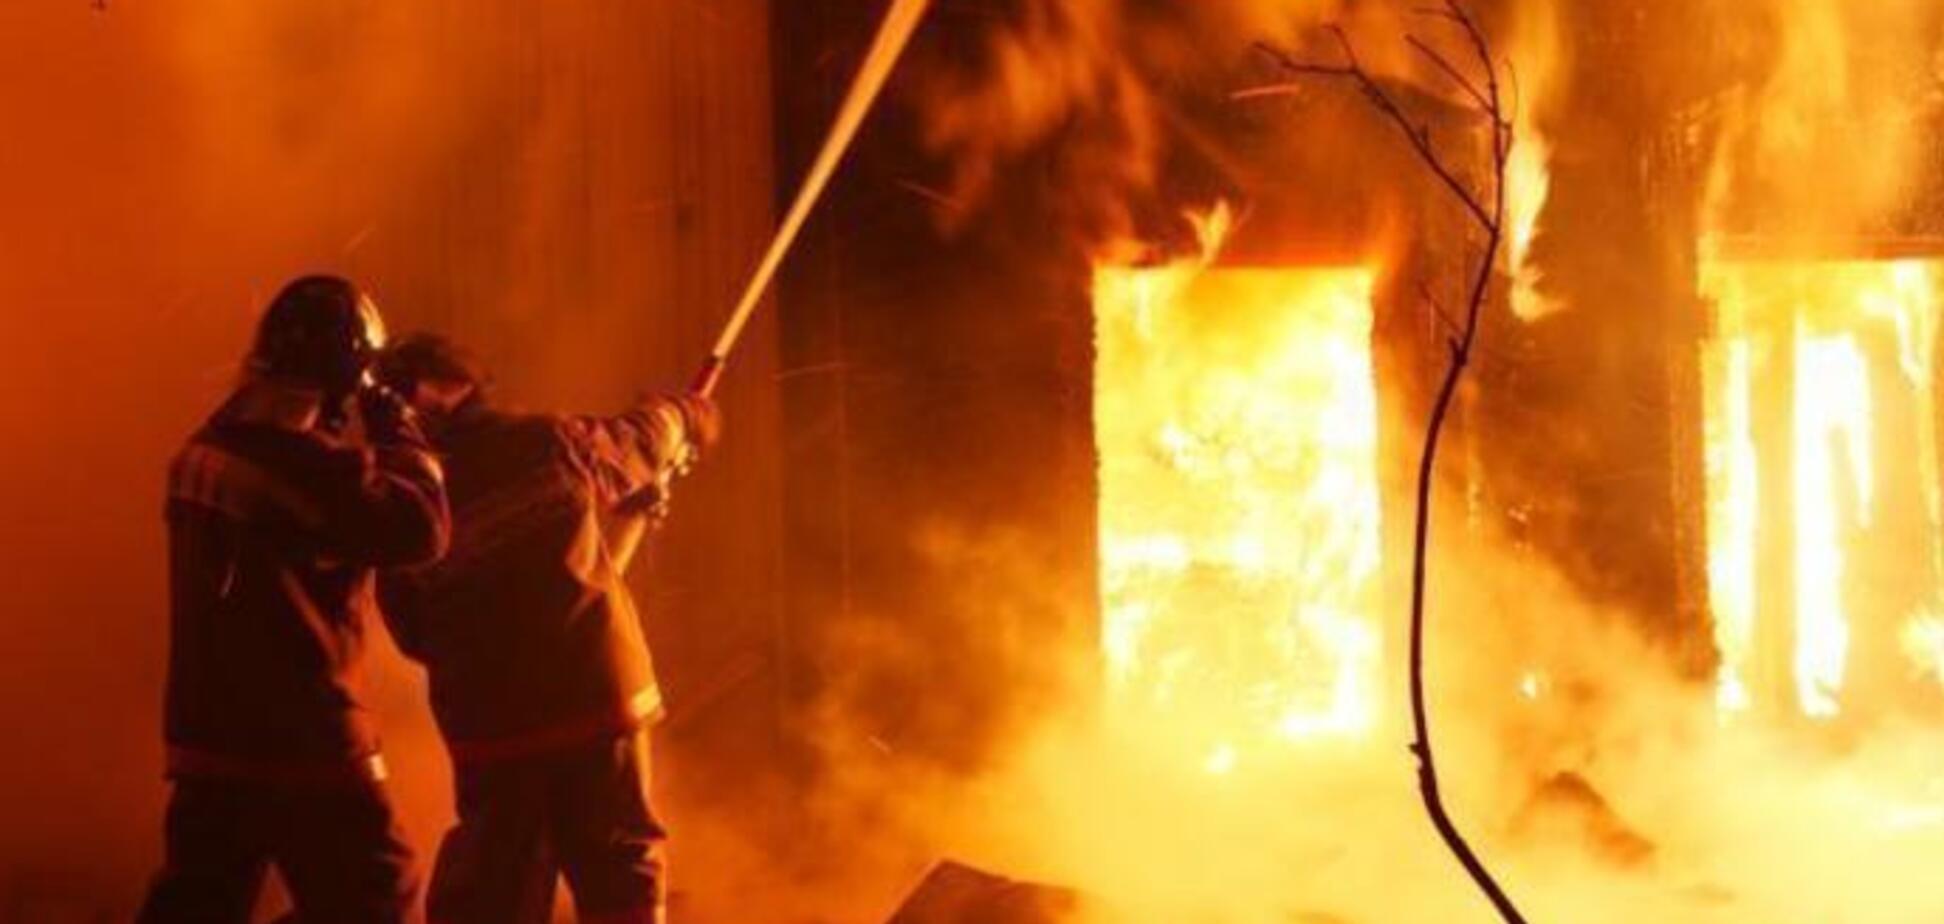 Под Днепром женщина сгорела во сне вместе с домом: подробности